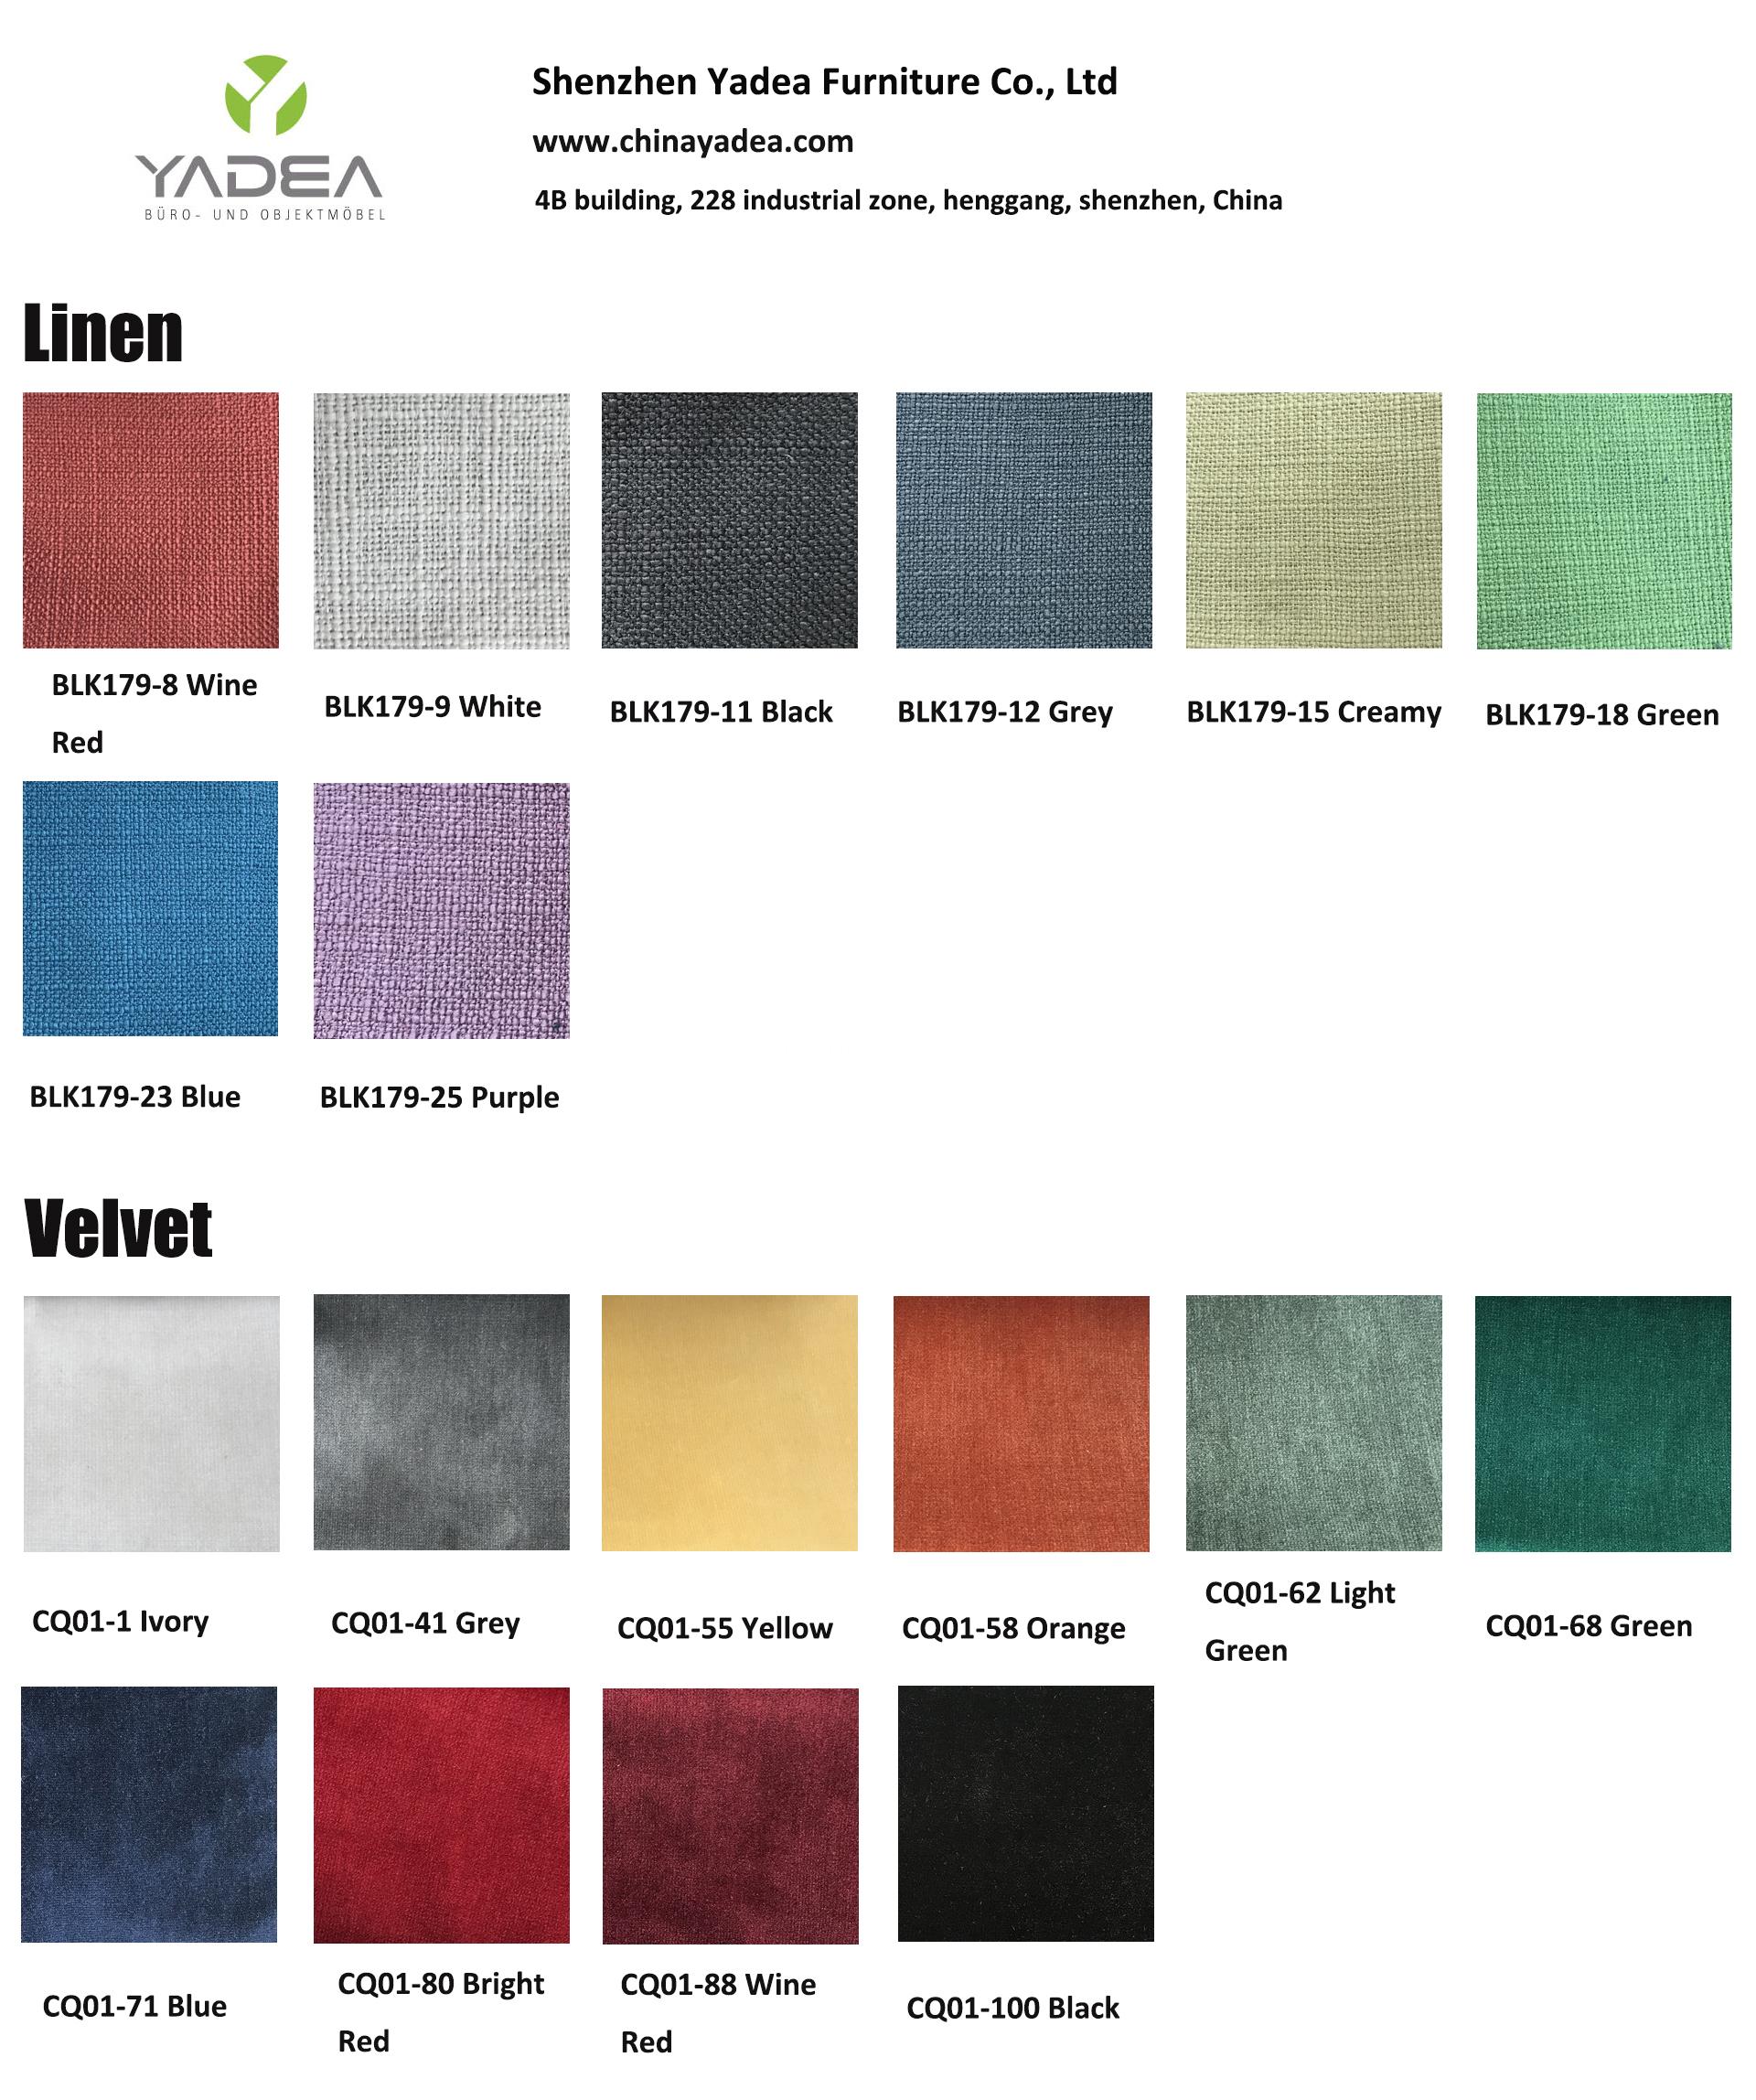 Linen-Velvet